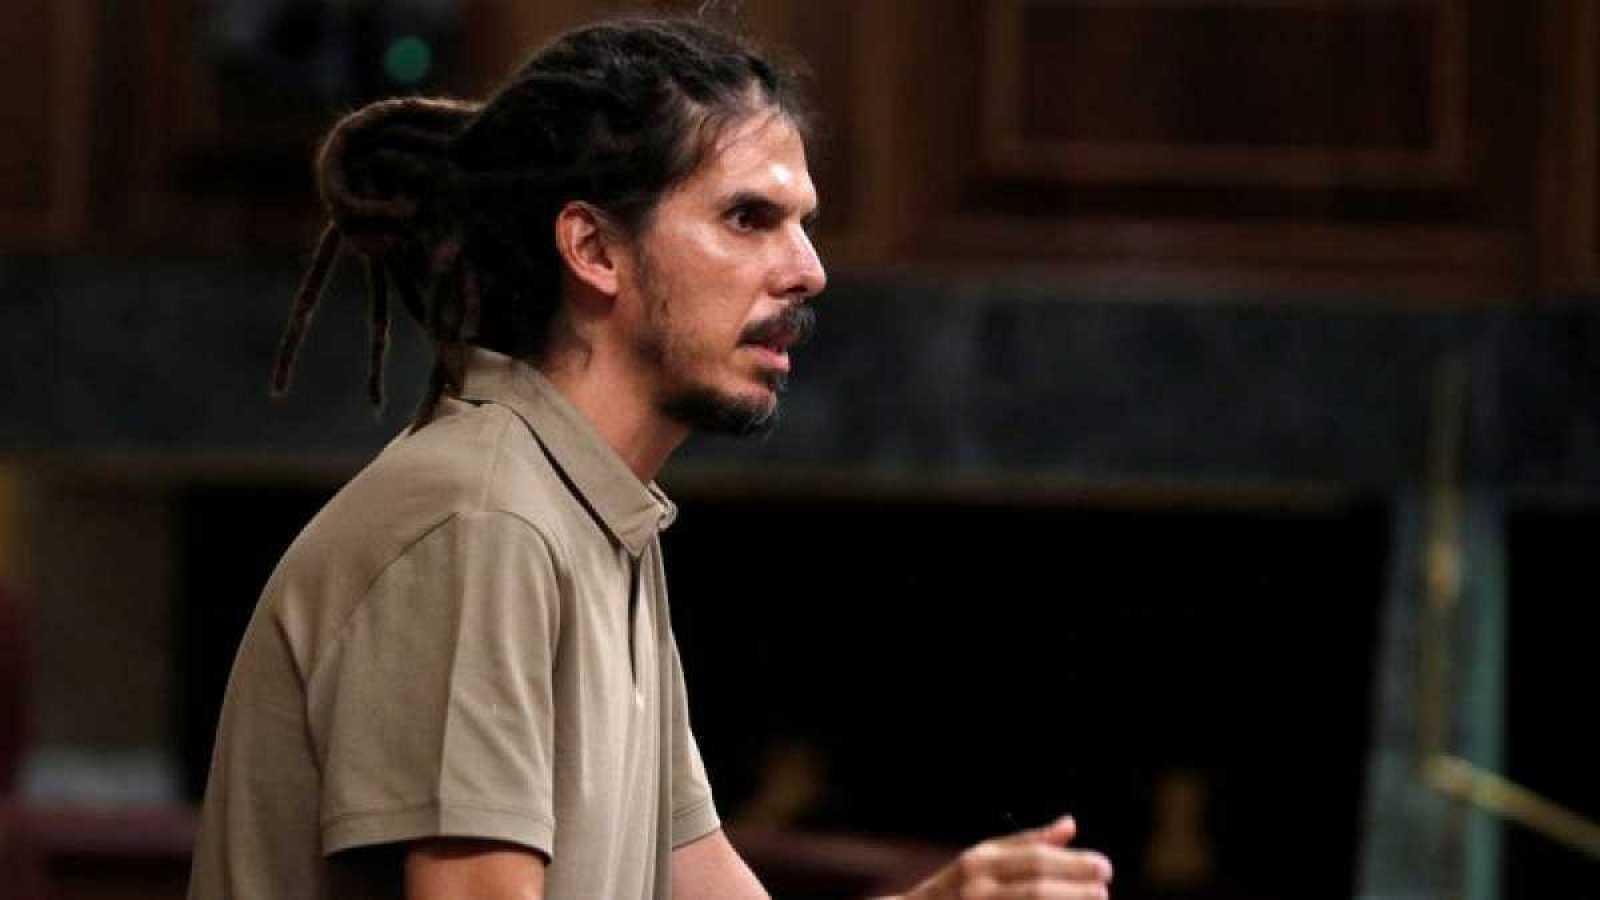 El diputado de Unidas Podemos Alberto Rodríguez, en una imagen de archivo.